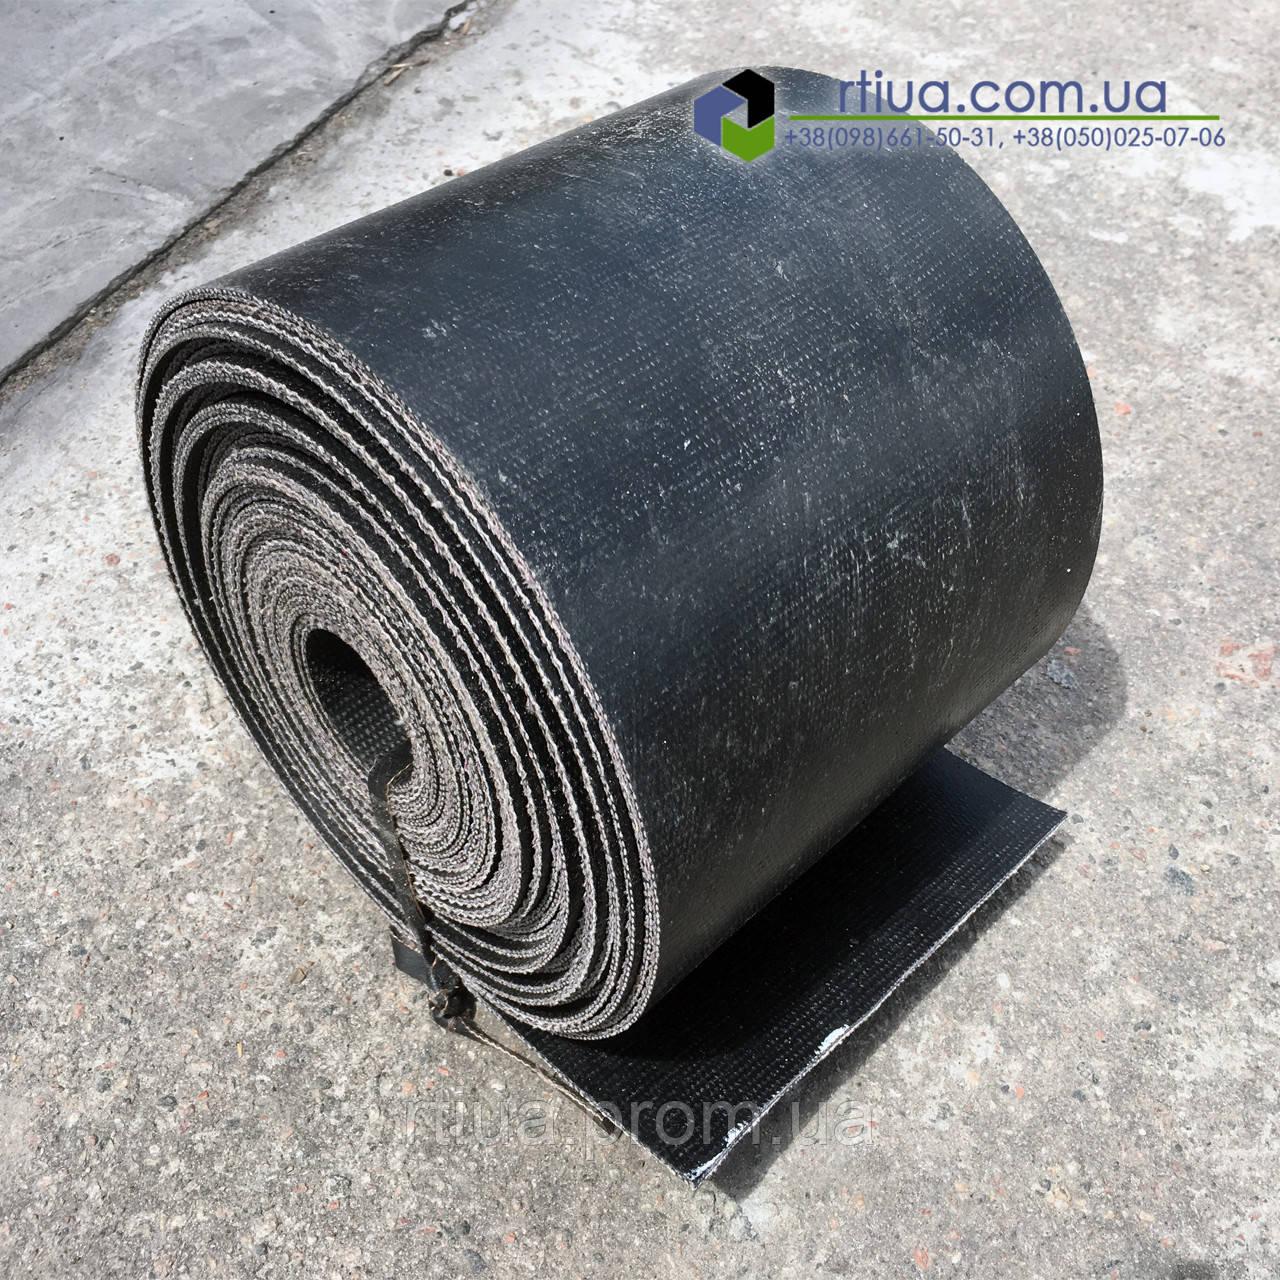 Транспортерная лента БКНЛ, 350х5 мм